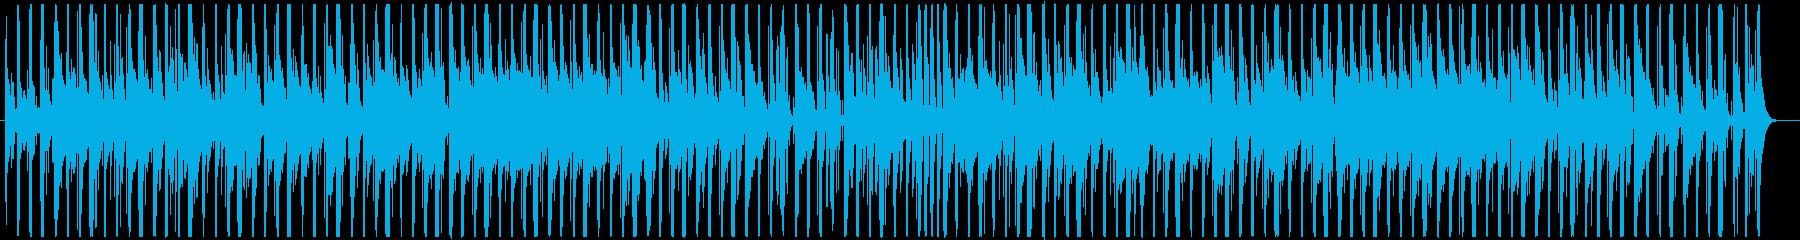 子猫、可愛いペットのイメージBGMの再生済みの波形